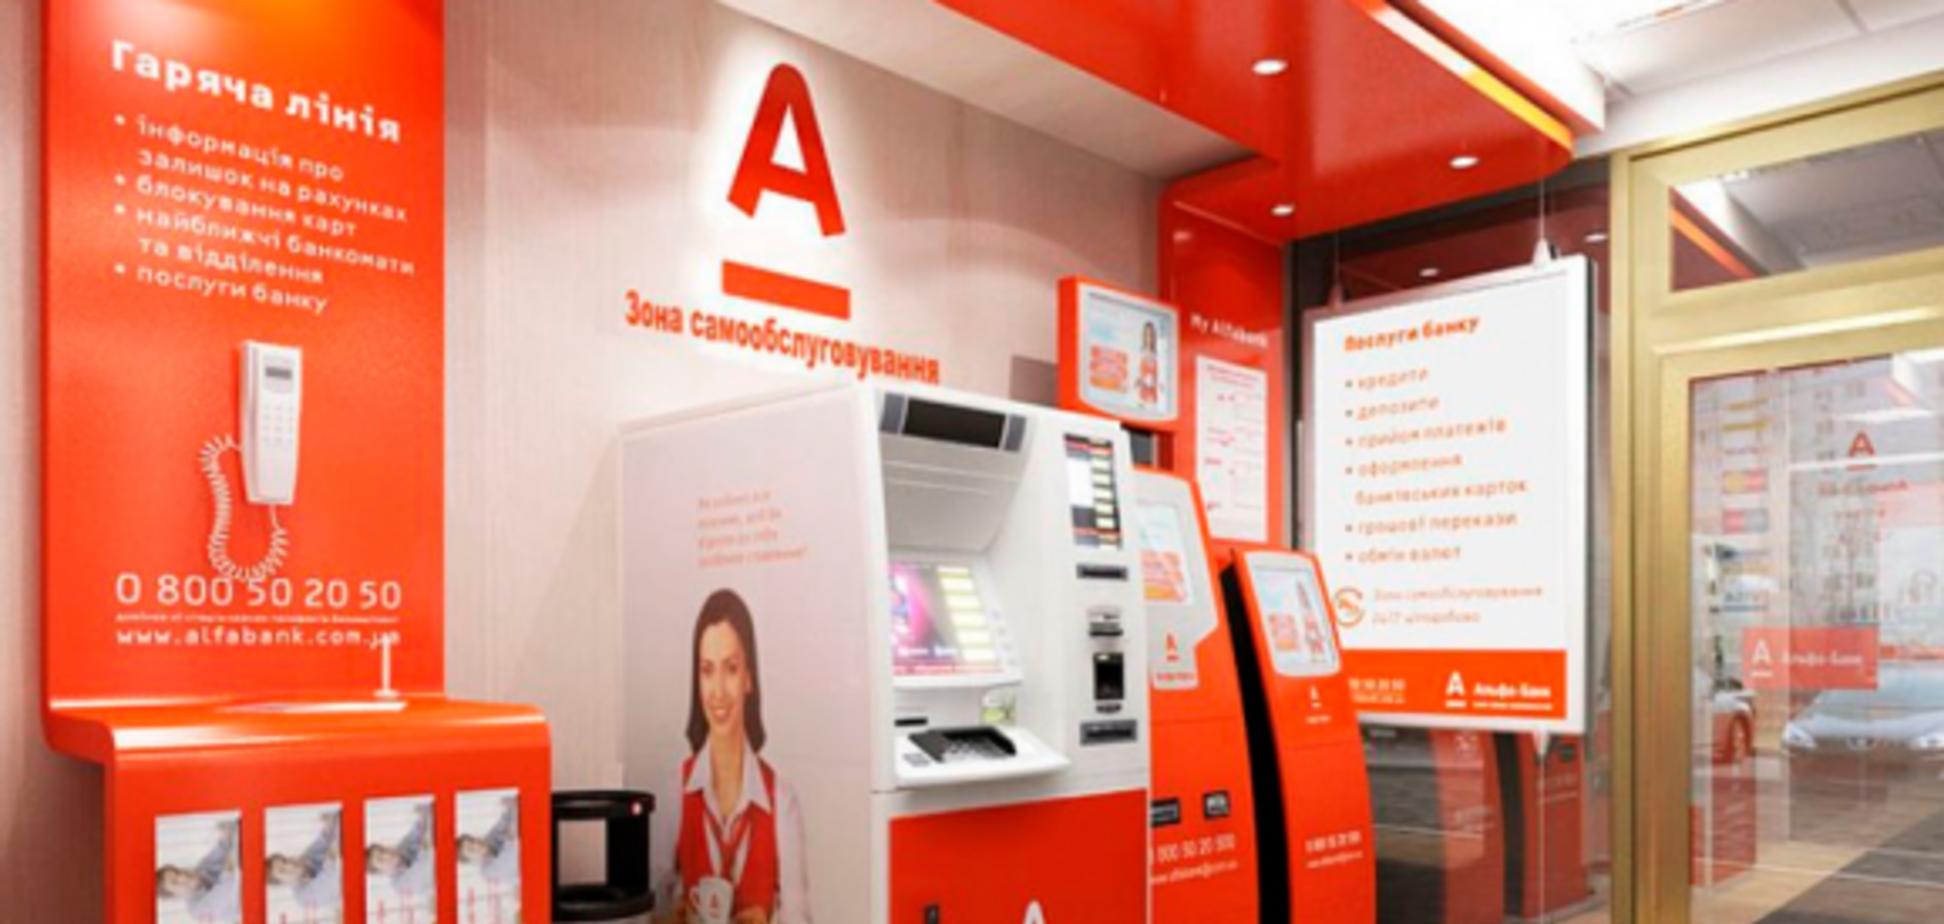 Альфа-Банк повысил ставку на депозит и отменил комиссию за онлайн-платежи